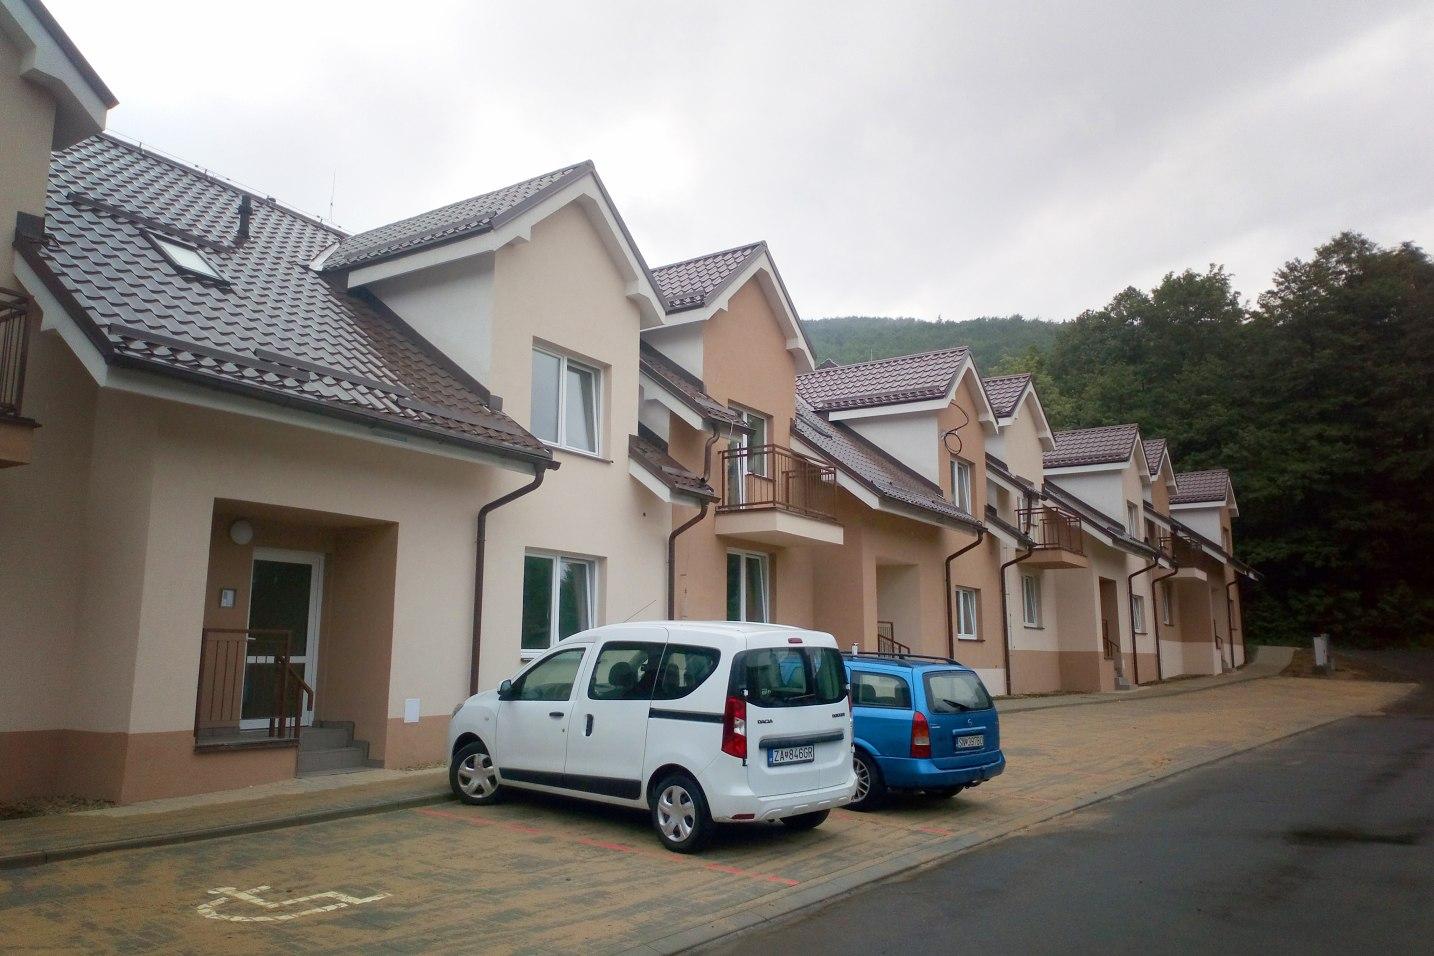 Kompletná výstavba radových rodinných obytných domov, Čaklov